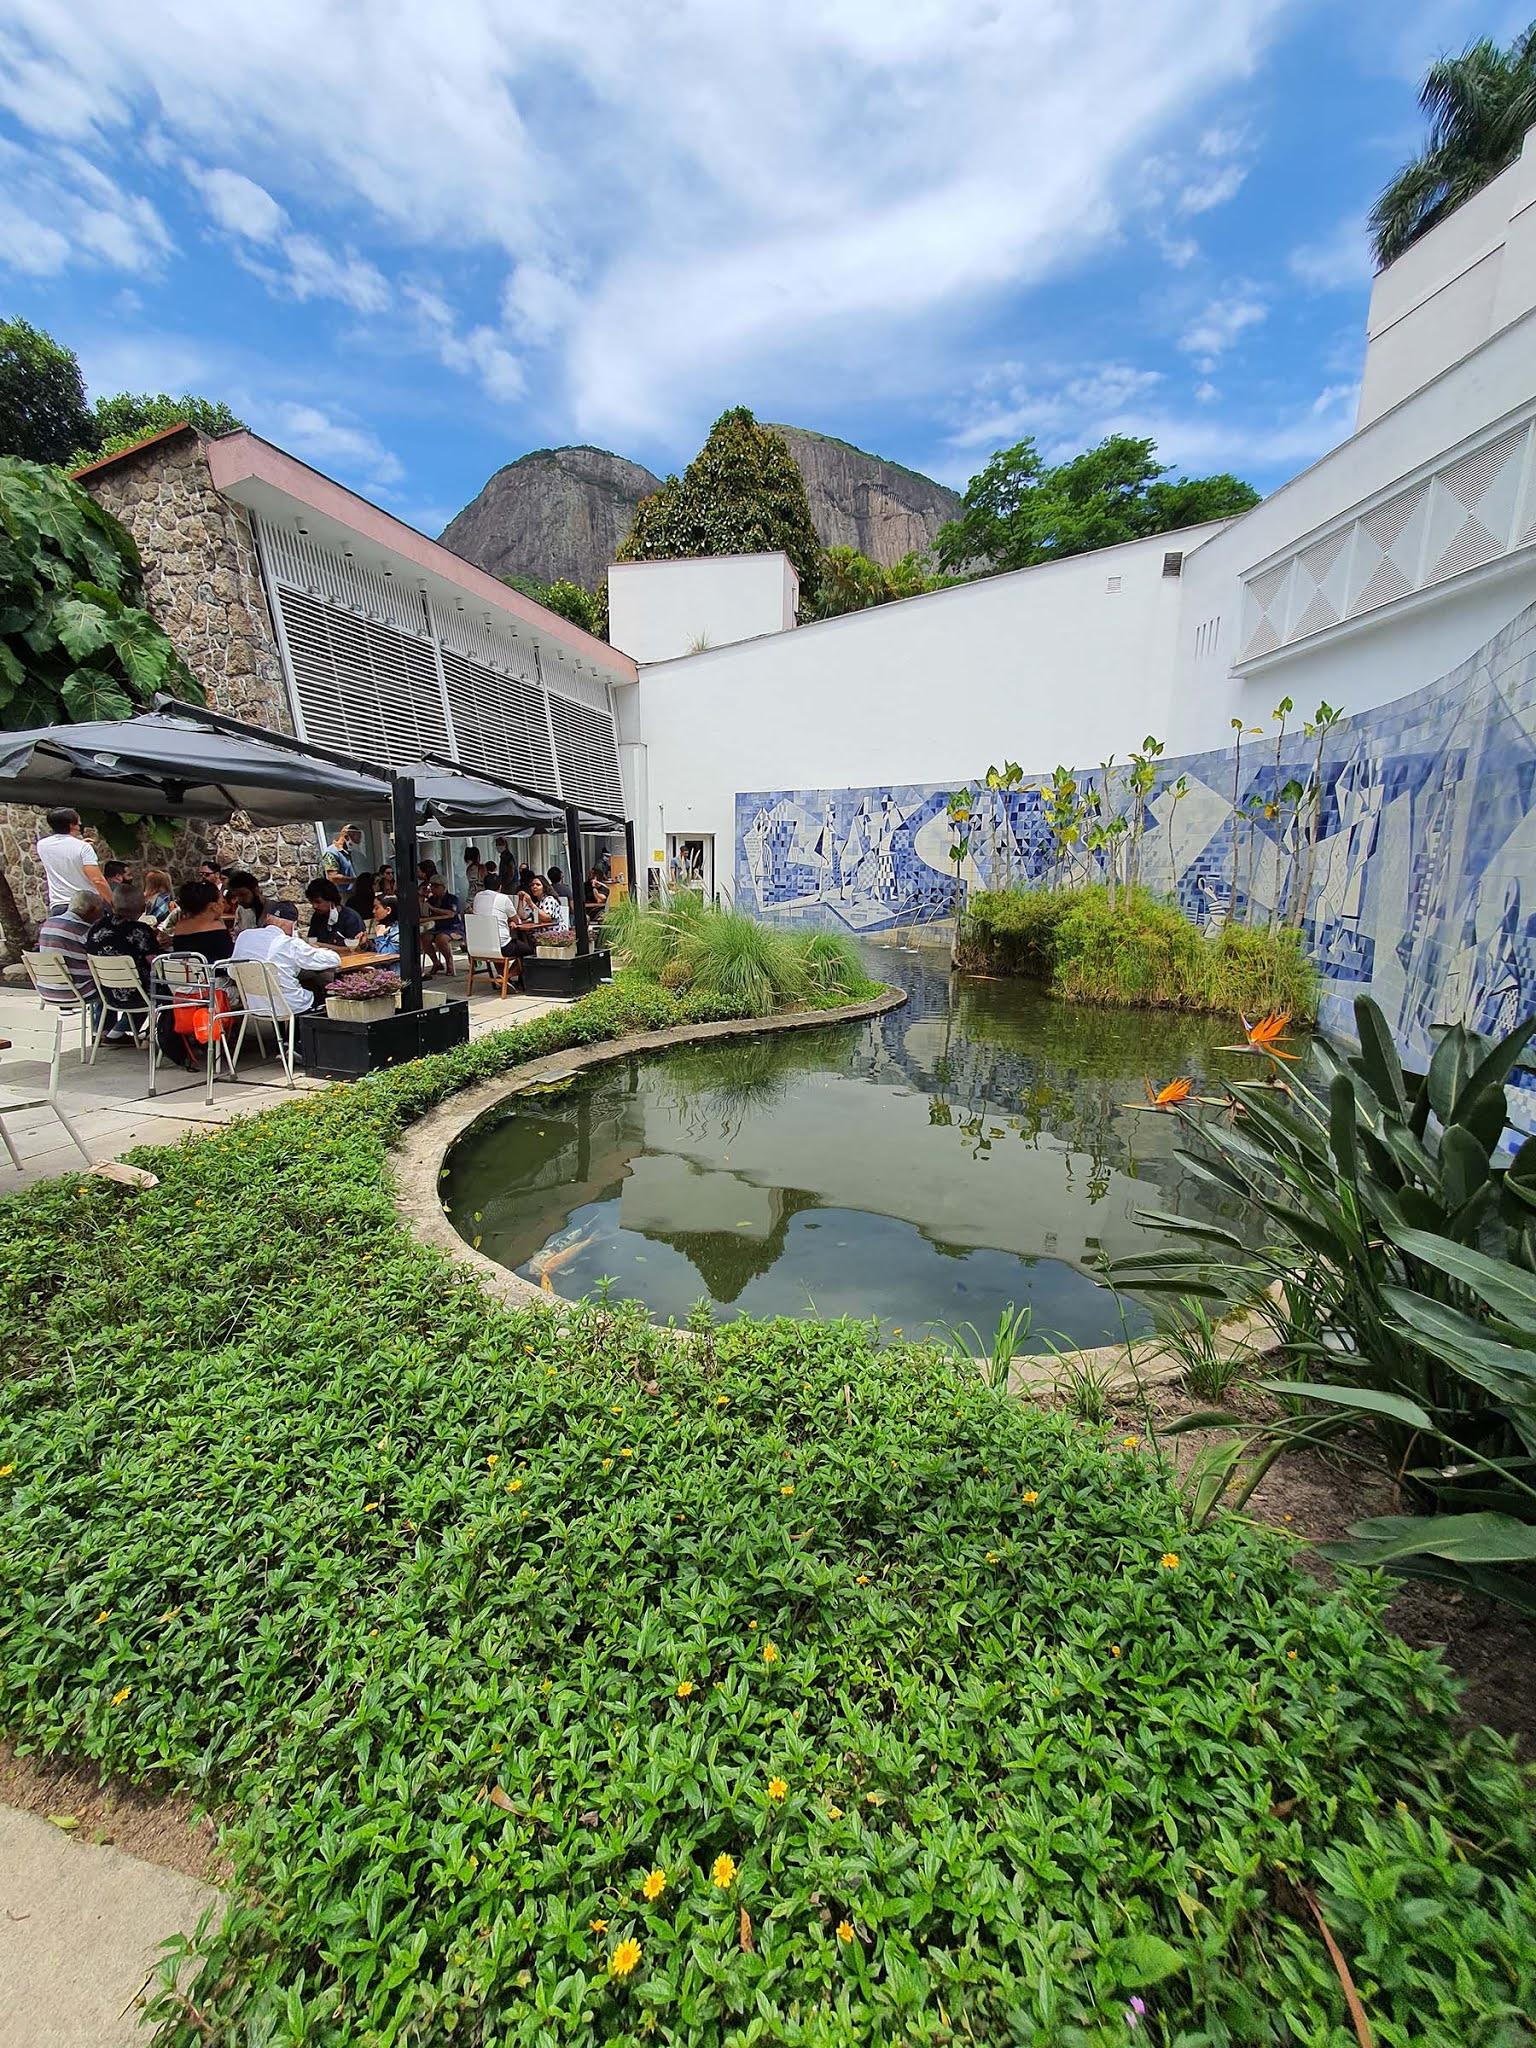 Café da manhã no Instituto Moreira Salles no Rio de Janeiro.